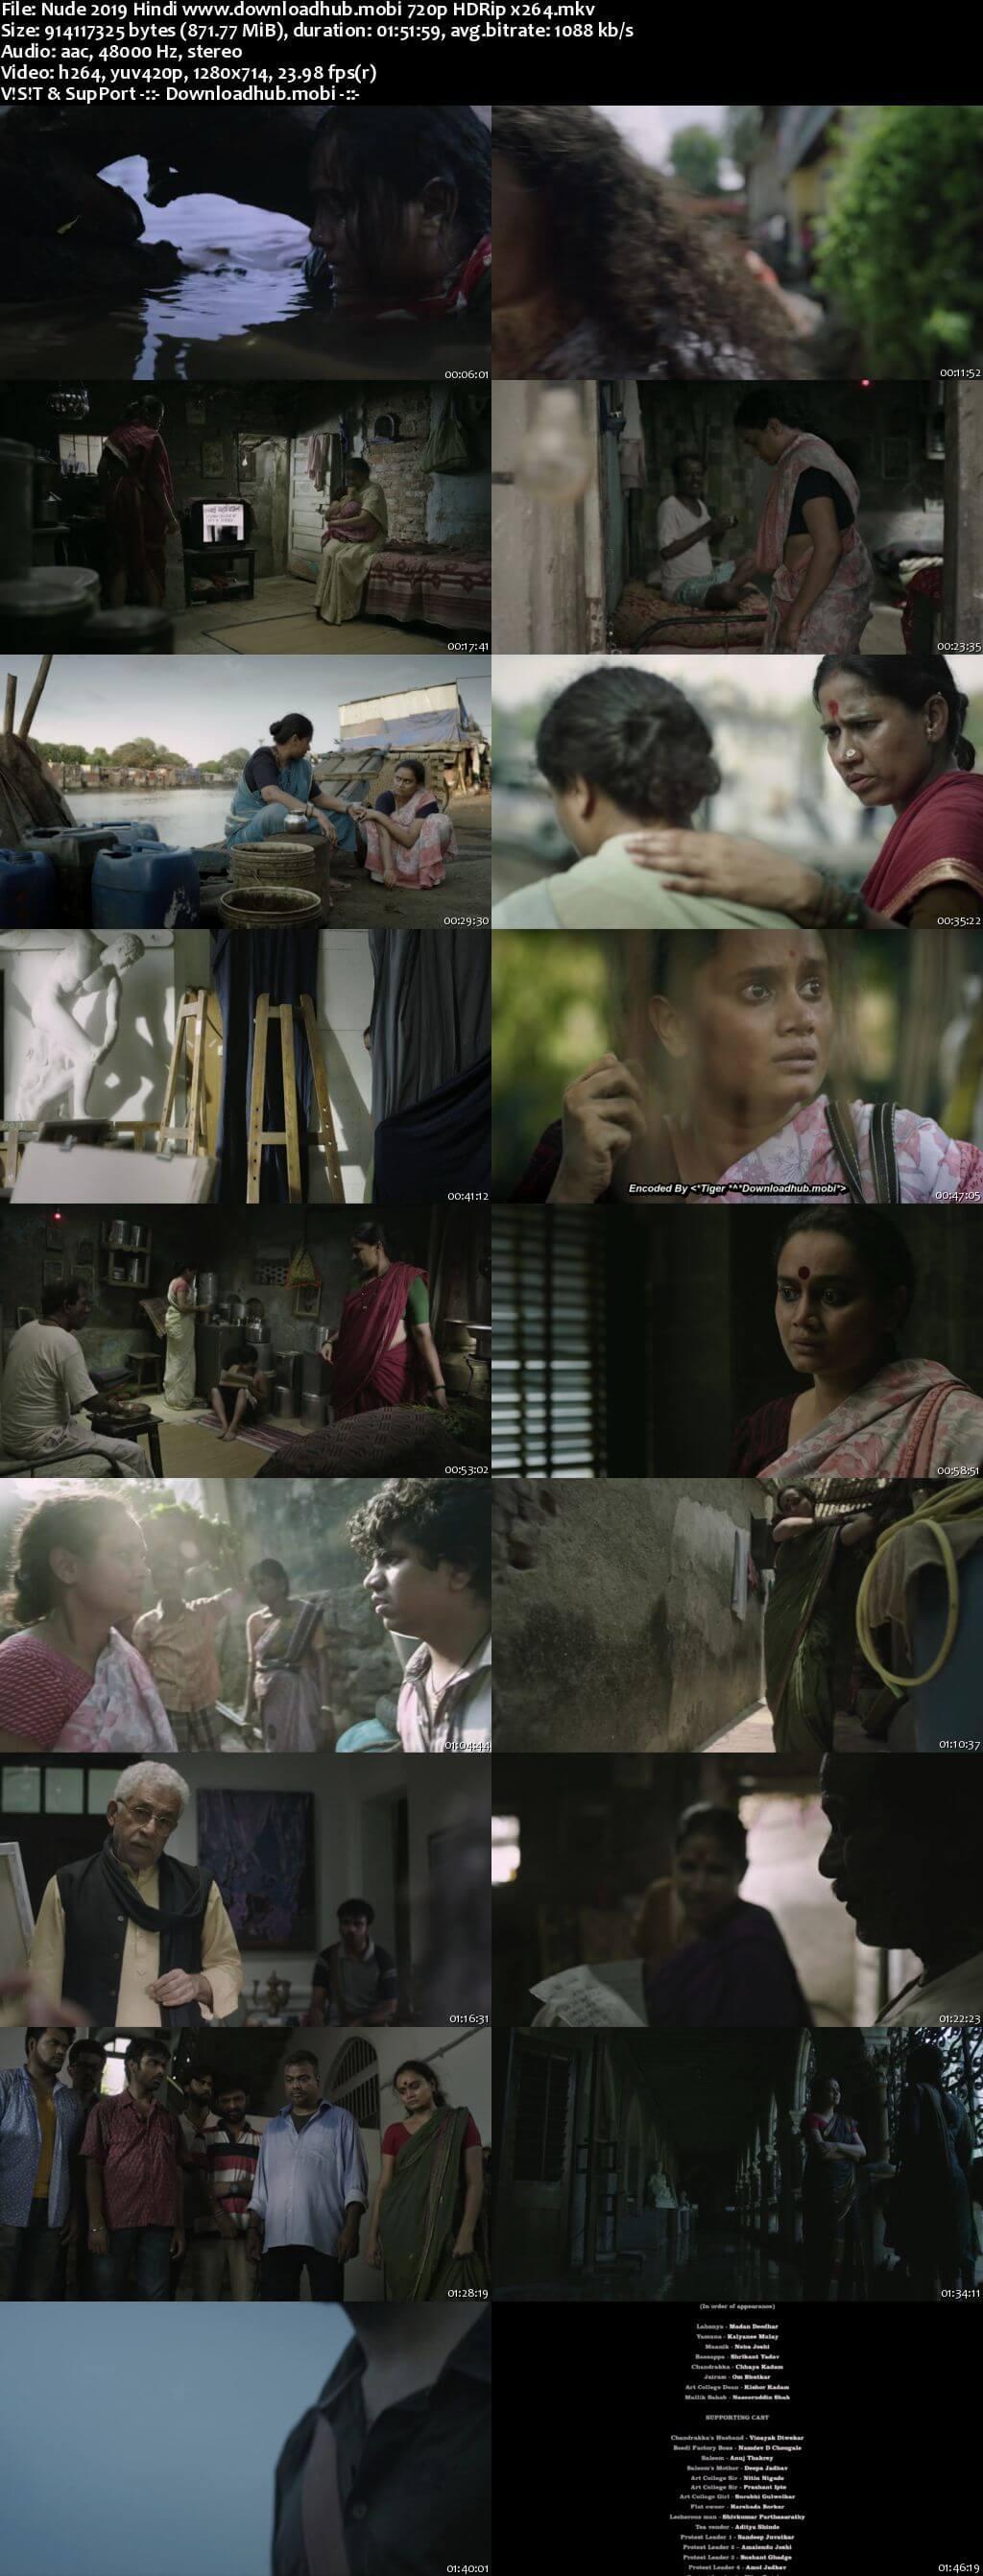 Nude 2019 Hindi 720p HDRip x264